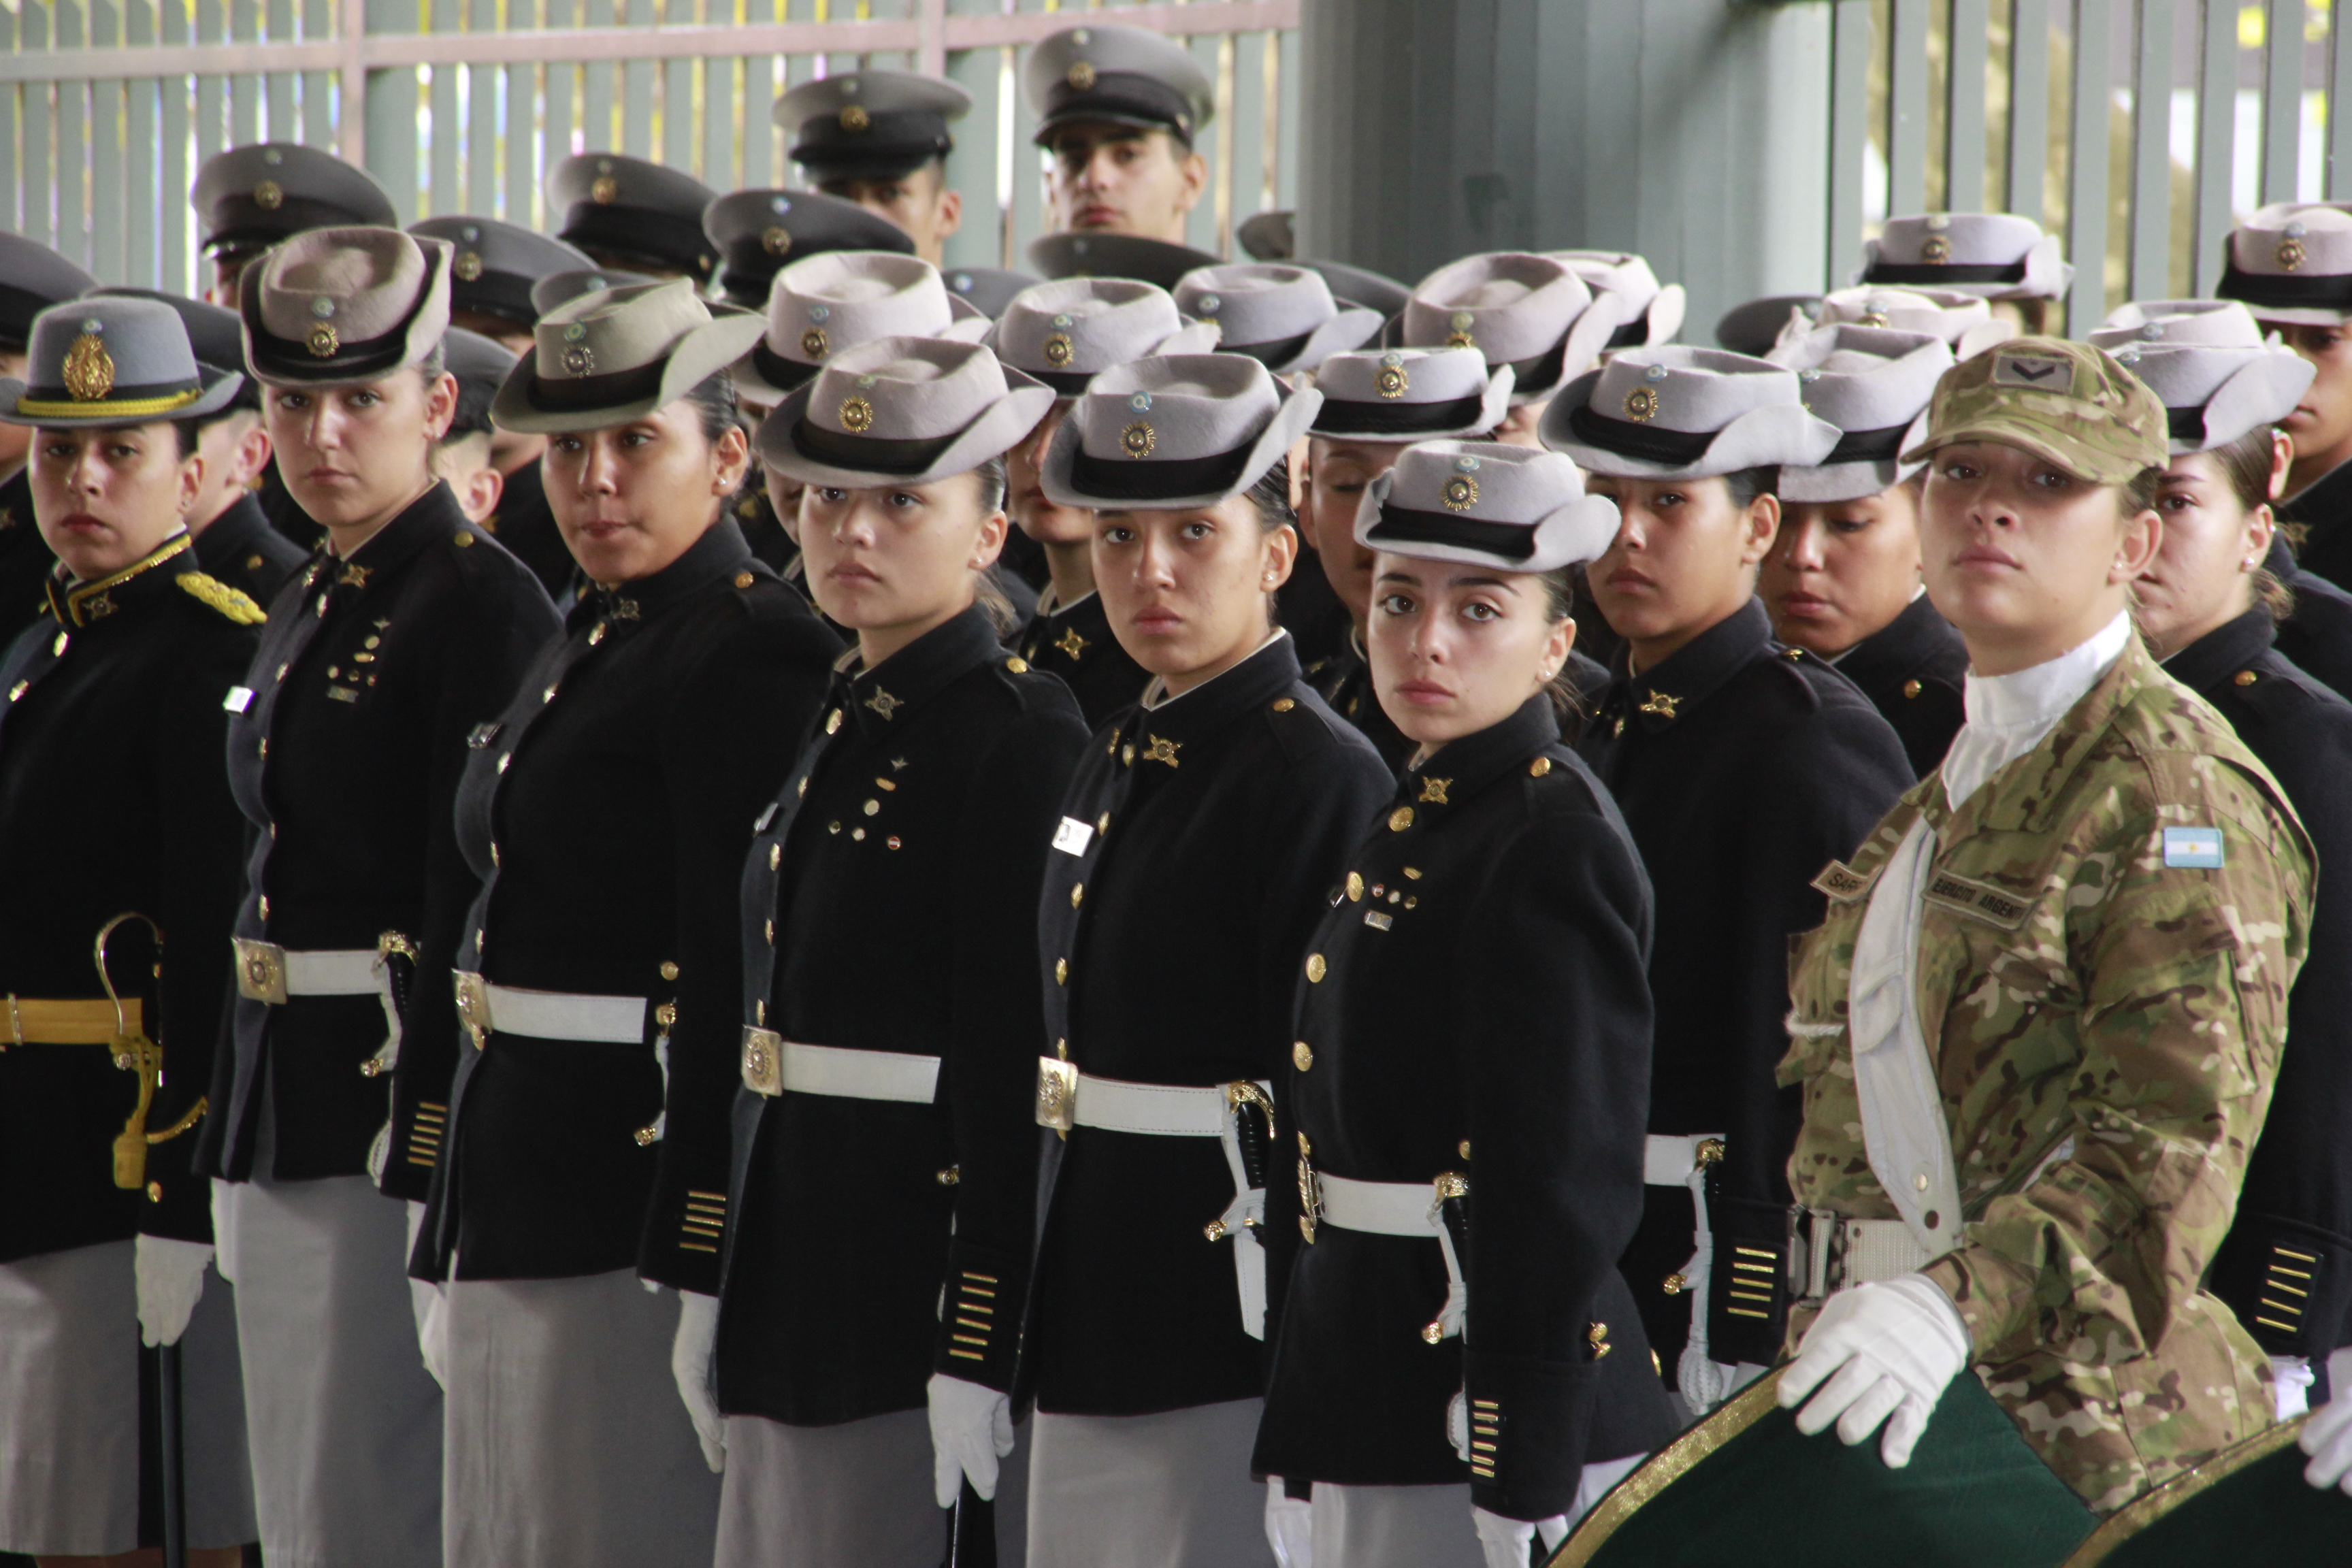 Participación del Liceo Militar Grl San Martín en el Acto de Malvinas en la localidad de Grl San Martín